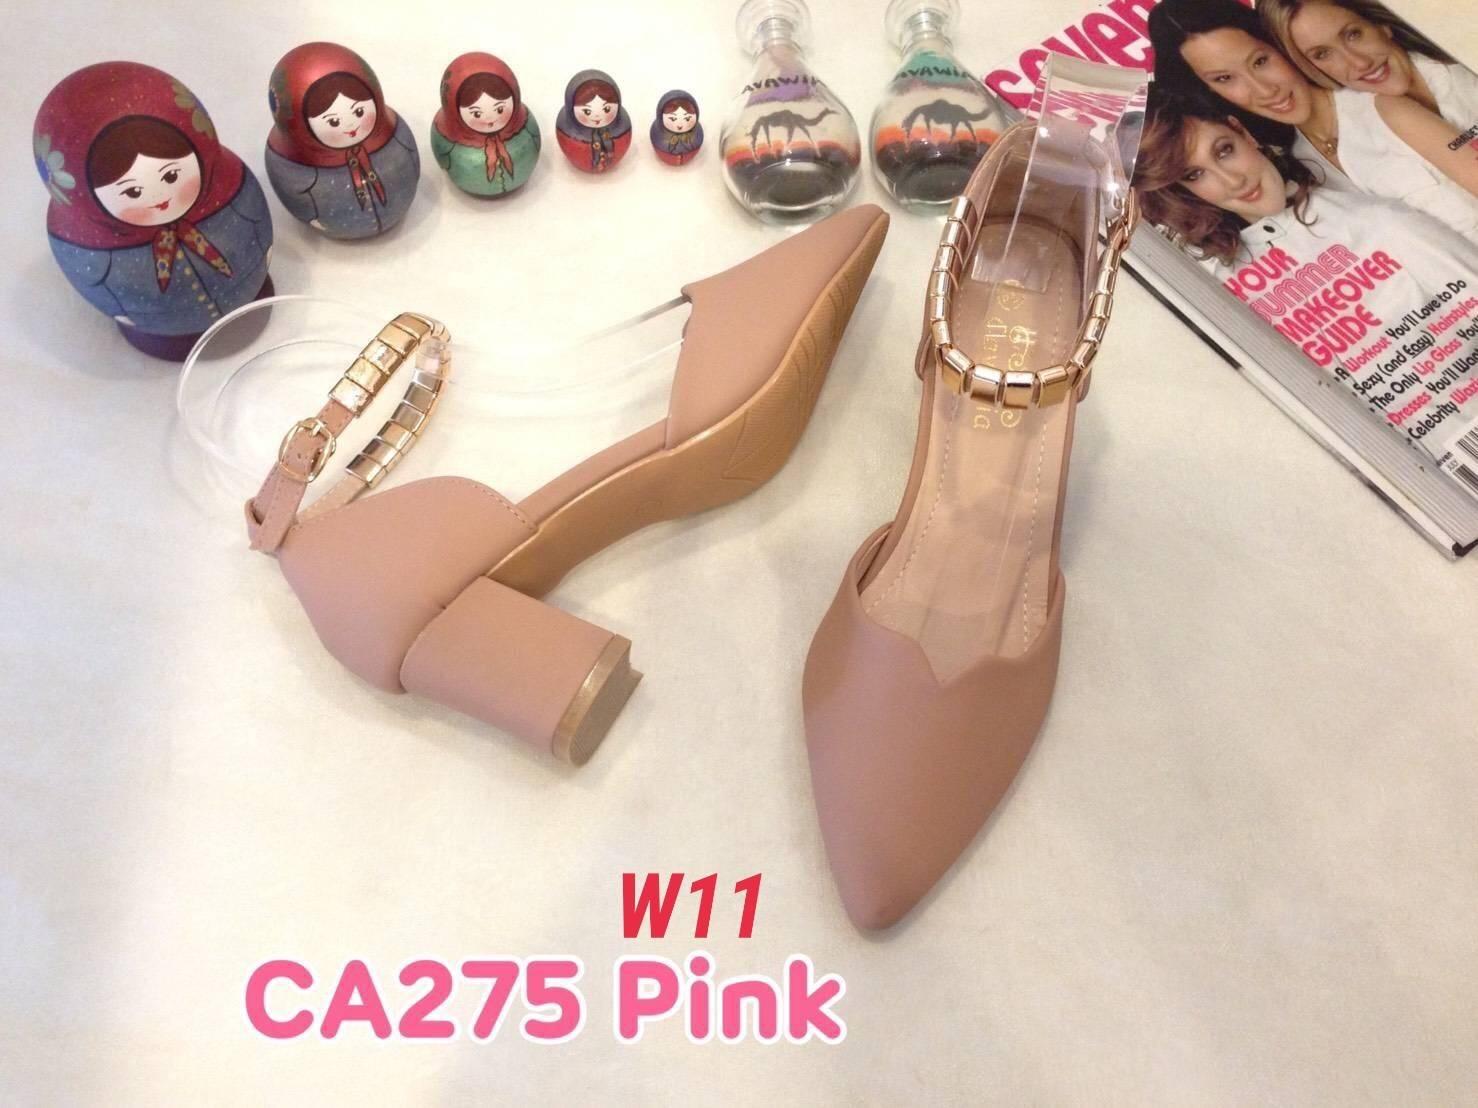 รองเท้าแฟชั่น ส้นเตี้ย รัดข้อ แต่งอะไหล่ทองสวยรัดข้อสวยหรู หนังนิ่ม ทรงสวย สูงประมาณ 2.5 นิ้ว ใส่สบาย แมทสวยได้ทุกชุด (CA275)